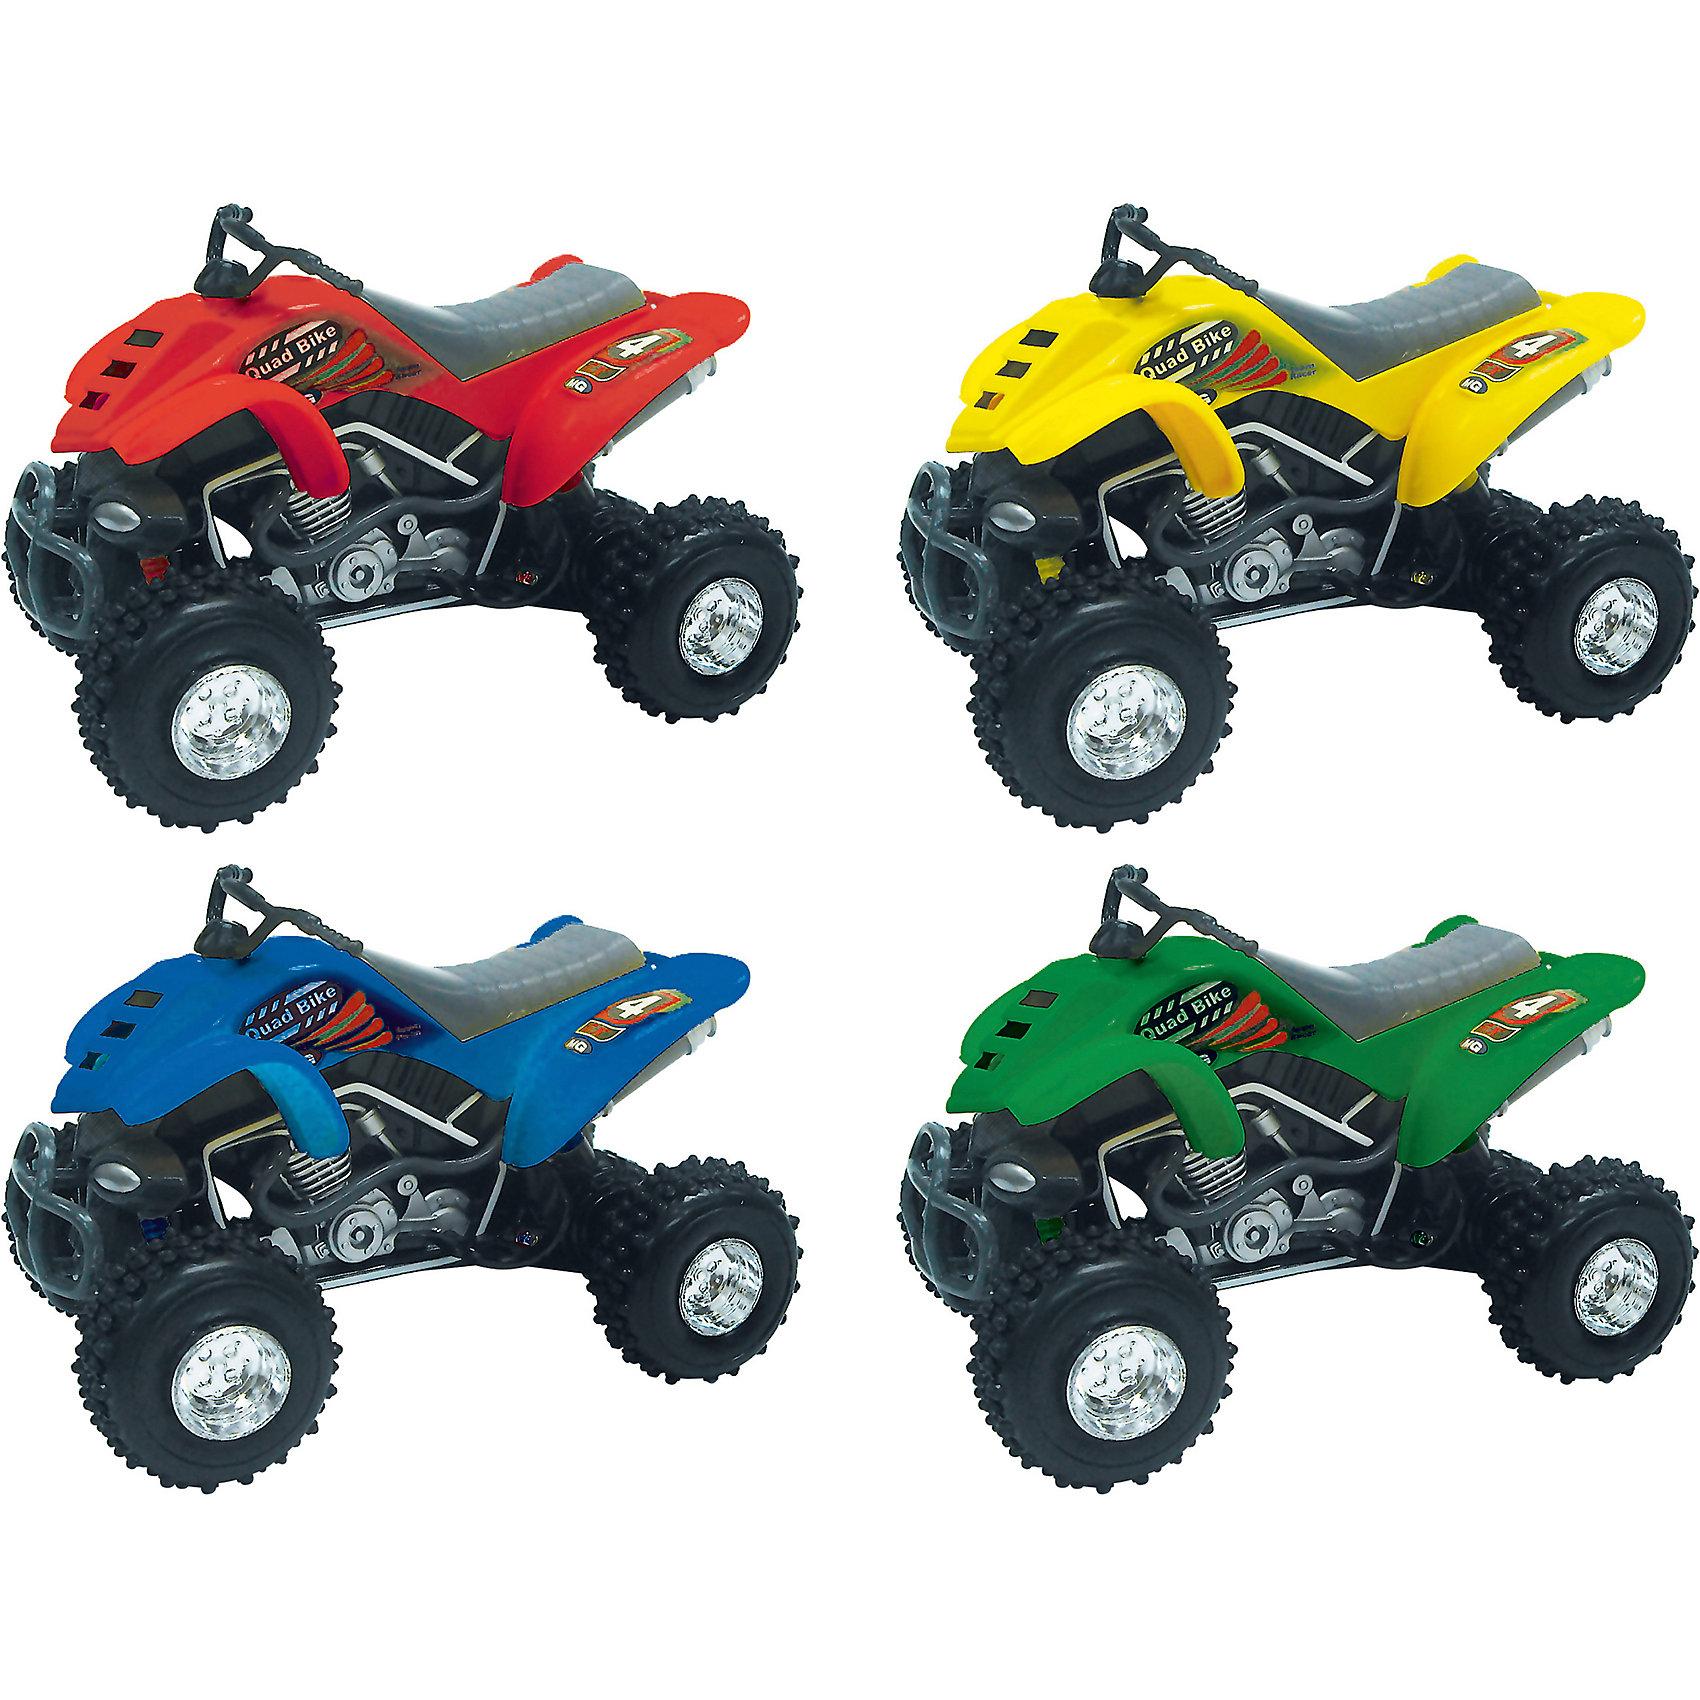 Мотоцикл Quadrobike Monster 1:16, AutotimeПластмассовые конструкторы<br>Характеристики товара:<br><br>• цвет: в ассортименте<br>• возраст: от 3 лет<br>• материал: металл, пластик<br>• масштаб: 1:16<br>• колеса крутятся<br>• звуковые эффекты<br>• на батарейках<br>• размер упаковки: 12х35х16 см<br>• вес с упаковкой: 500 г<br>• страна бренда: Россия, Китай<br>• страна изготовитель: Китай<br><br><br>Такой мотоцикл отличается звуковыми эффектами, которые он издает при его катании. Также стоит отметить высокую степень детализации. <br><br>Сделан мотоцикл из прочного и безопасного металла с добавление пластмассы. Работает на батарейках.<br><br>Мотоцикл «Quadrobike Monster 1:16», Autotime (Автотайм) можно купить в нашем интернет-магазине.<br><br>Ширина мм: 350<br>Глубина мм: 158<br>Высота мм: 120<br>Вес г: 15<br>Возраст от месяцев: 36<br>Возраст до месяцев: 2147483647<br>Пол: Мужской<br>Возраст: Детский<br>SKU: 5584122